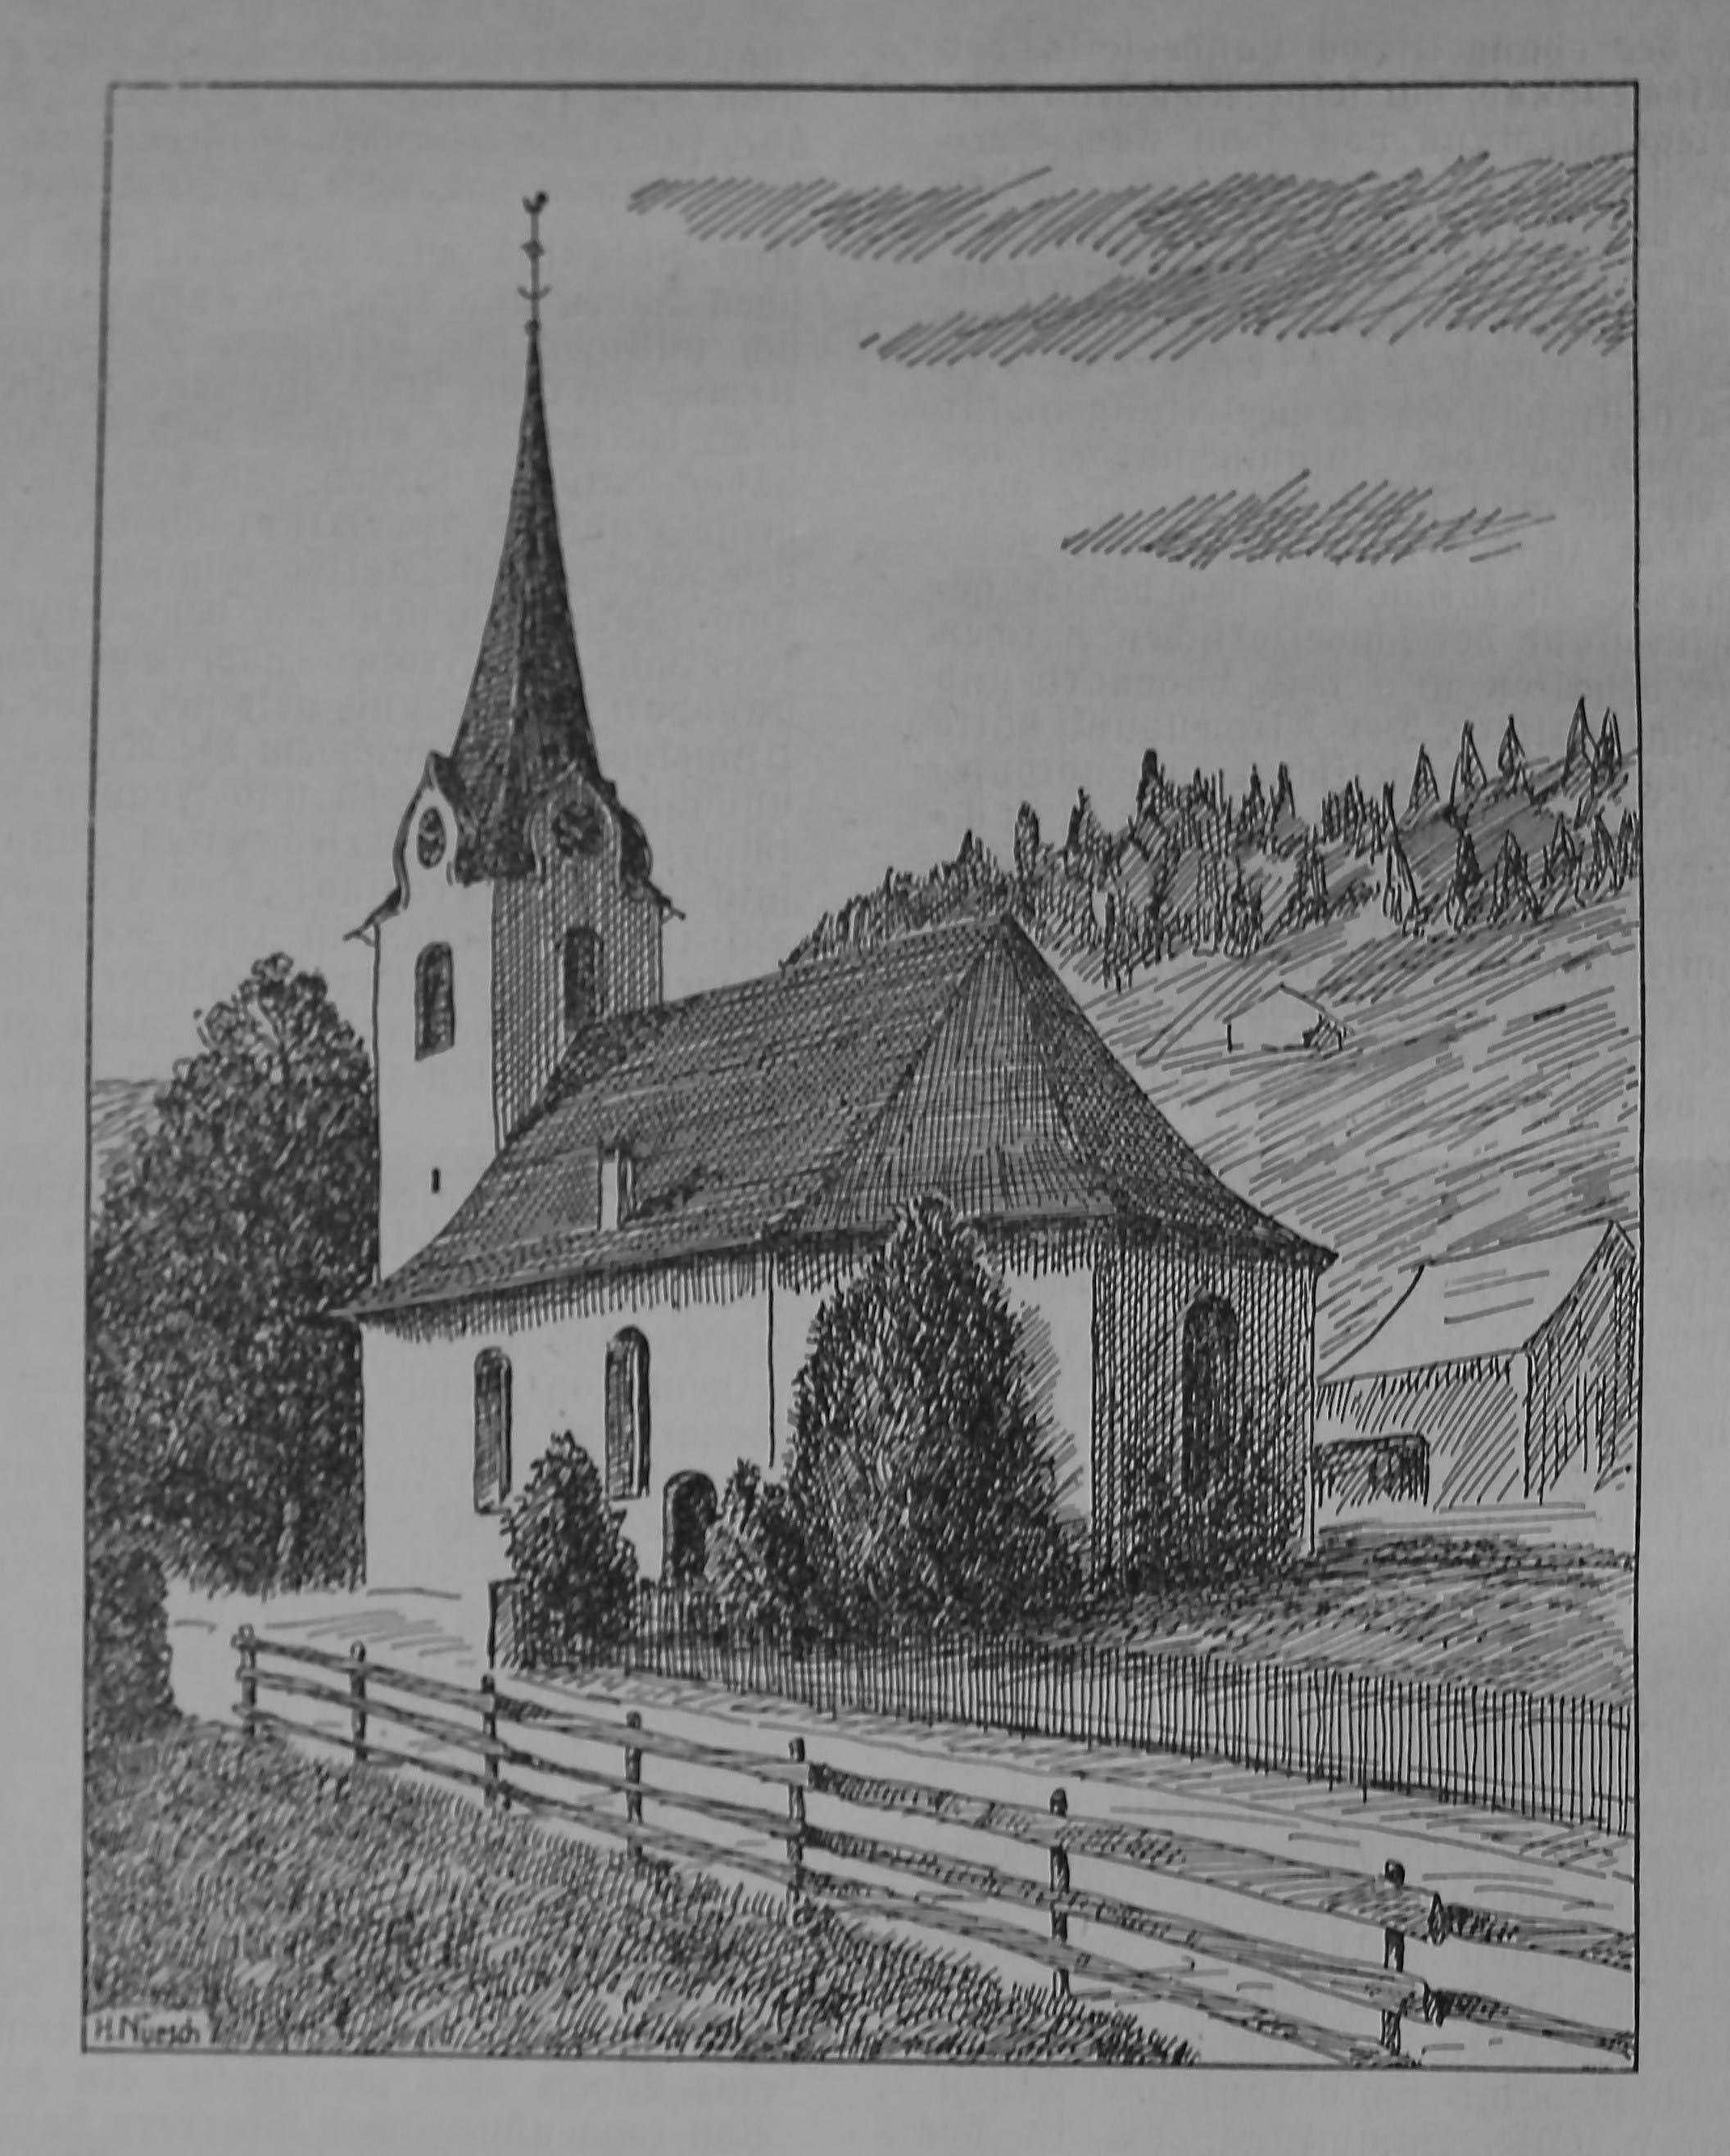 Regelmässig berichtet der Toggenburger Kirchenbote über die Geschichte der Kirchgemeinden im Tal und illustriert diese Beiträge mit Zeichnungen. Hier die Kirche von Ennetbühl.